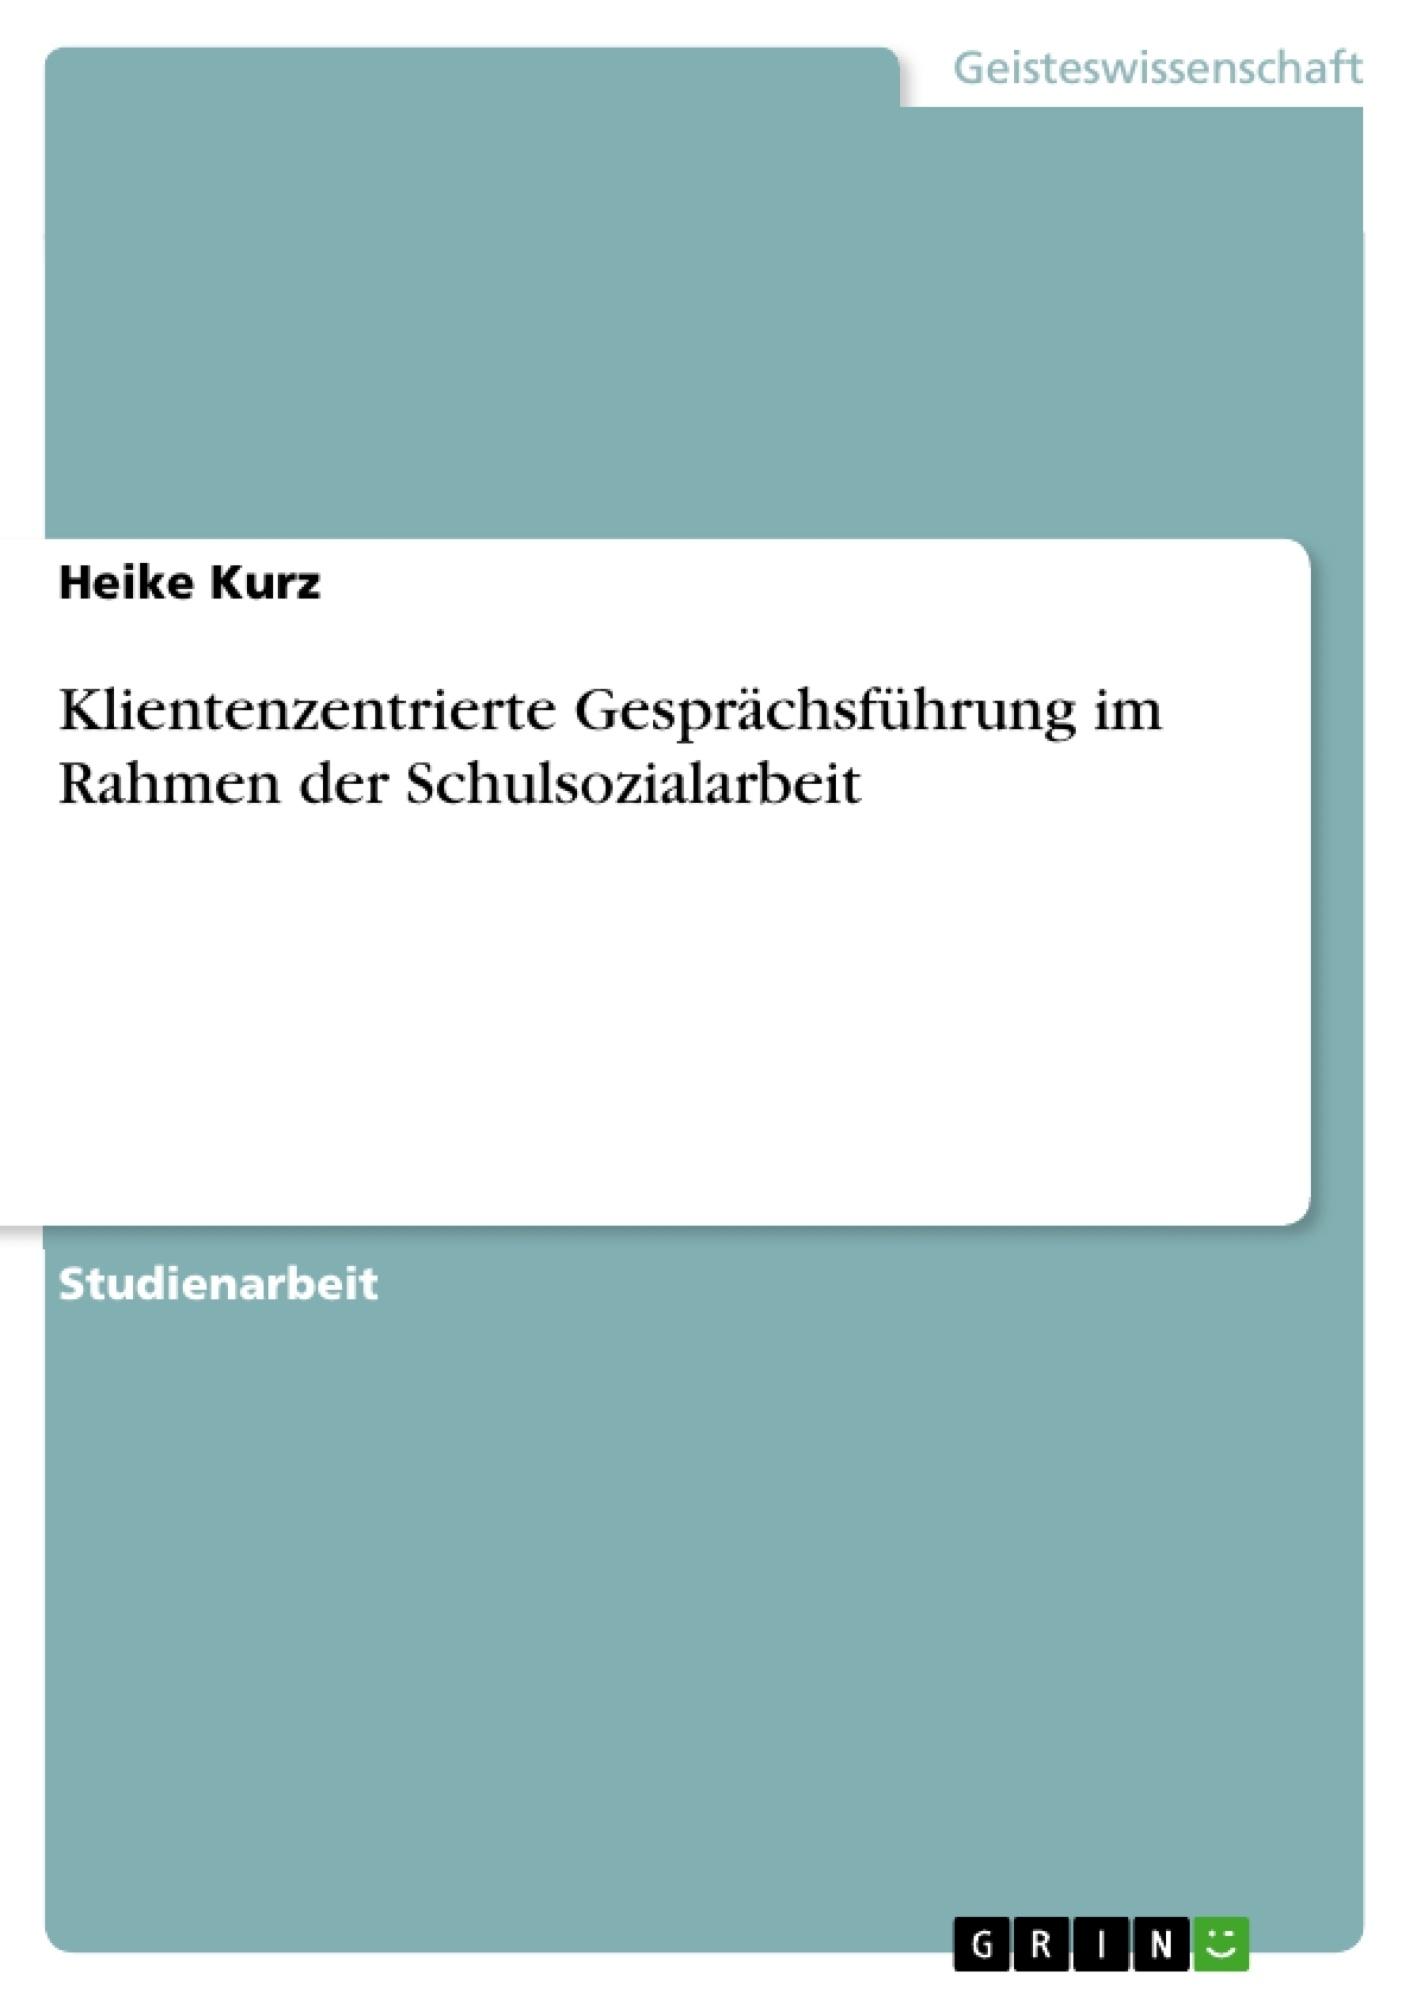 Titel: Klientenzentrierte Gesprächsführung im Rahmen der Schulsozialarbeit